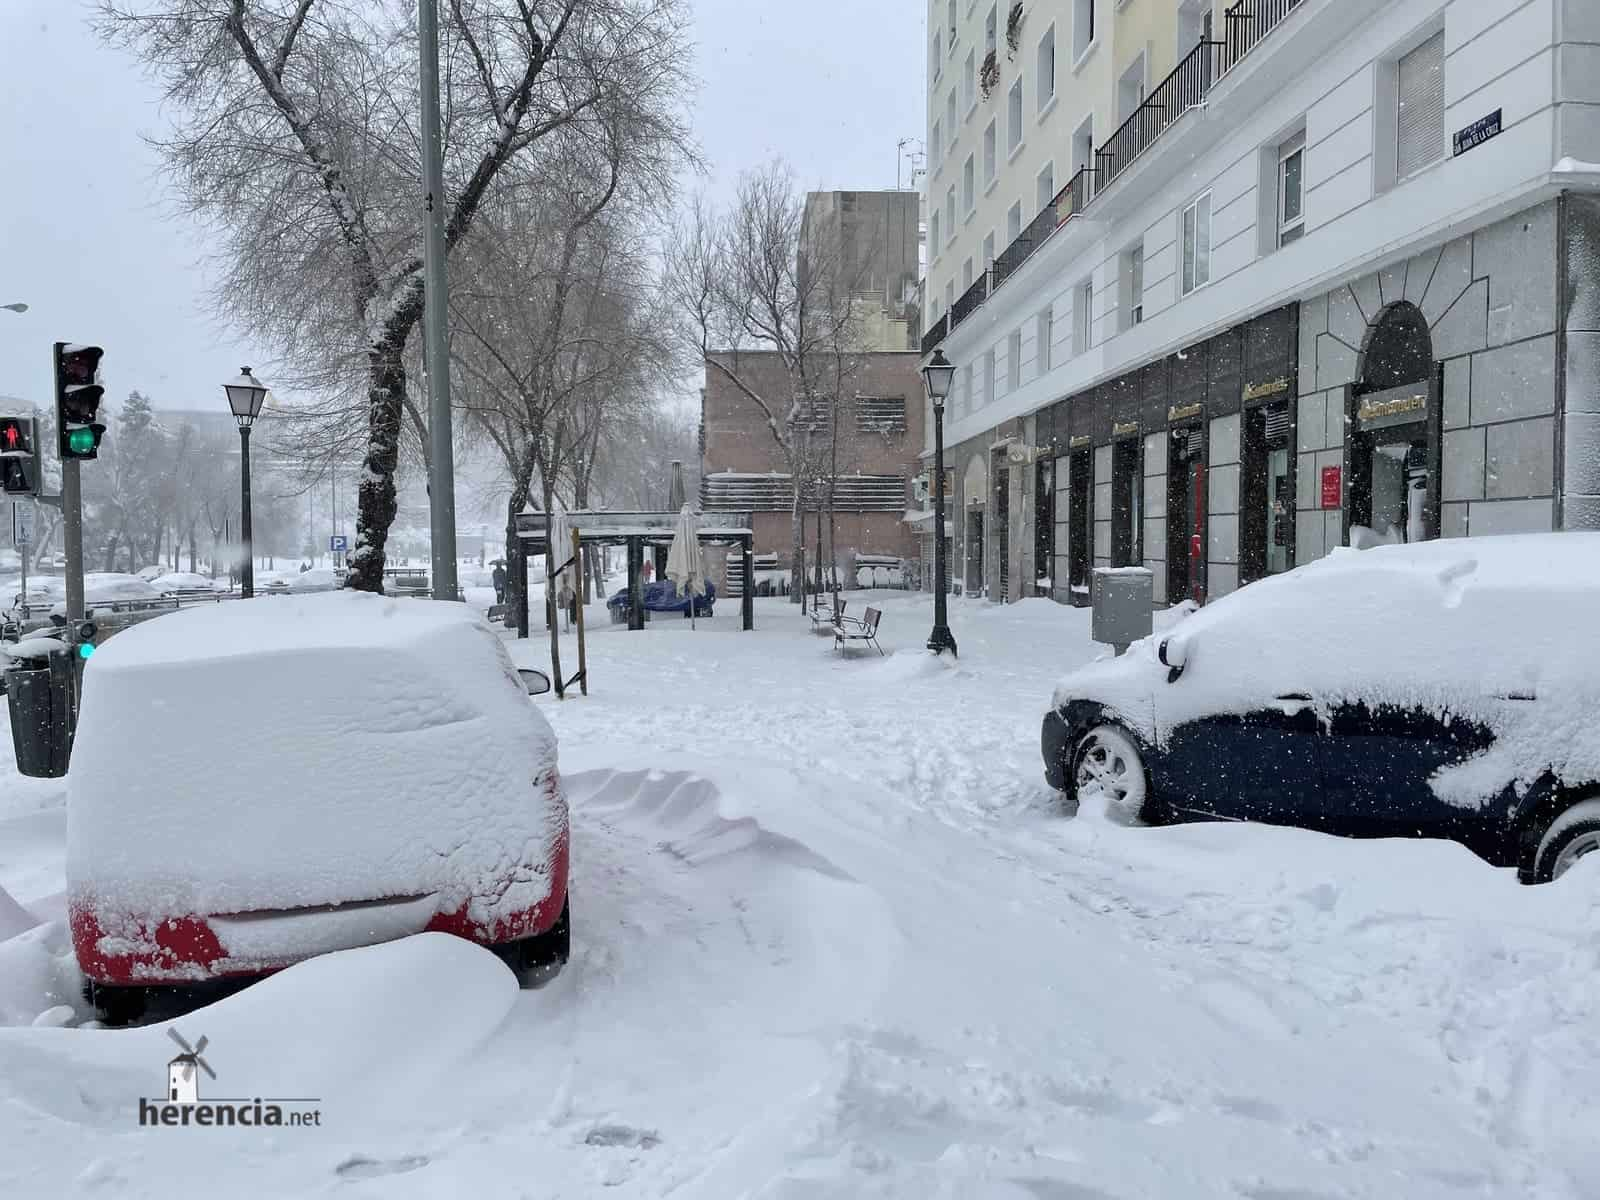 Fotografías de la nevada de enero en Madrid (España) 195